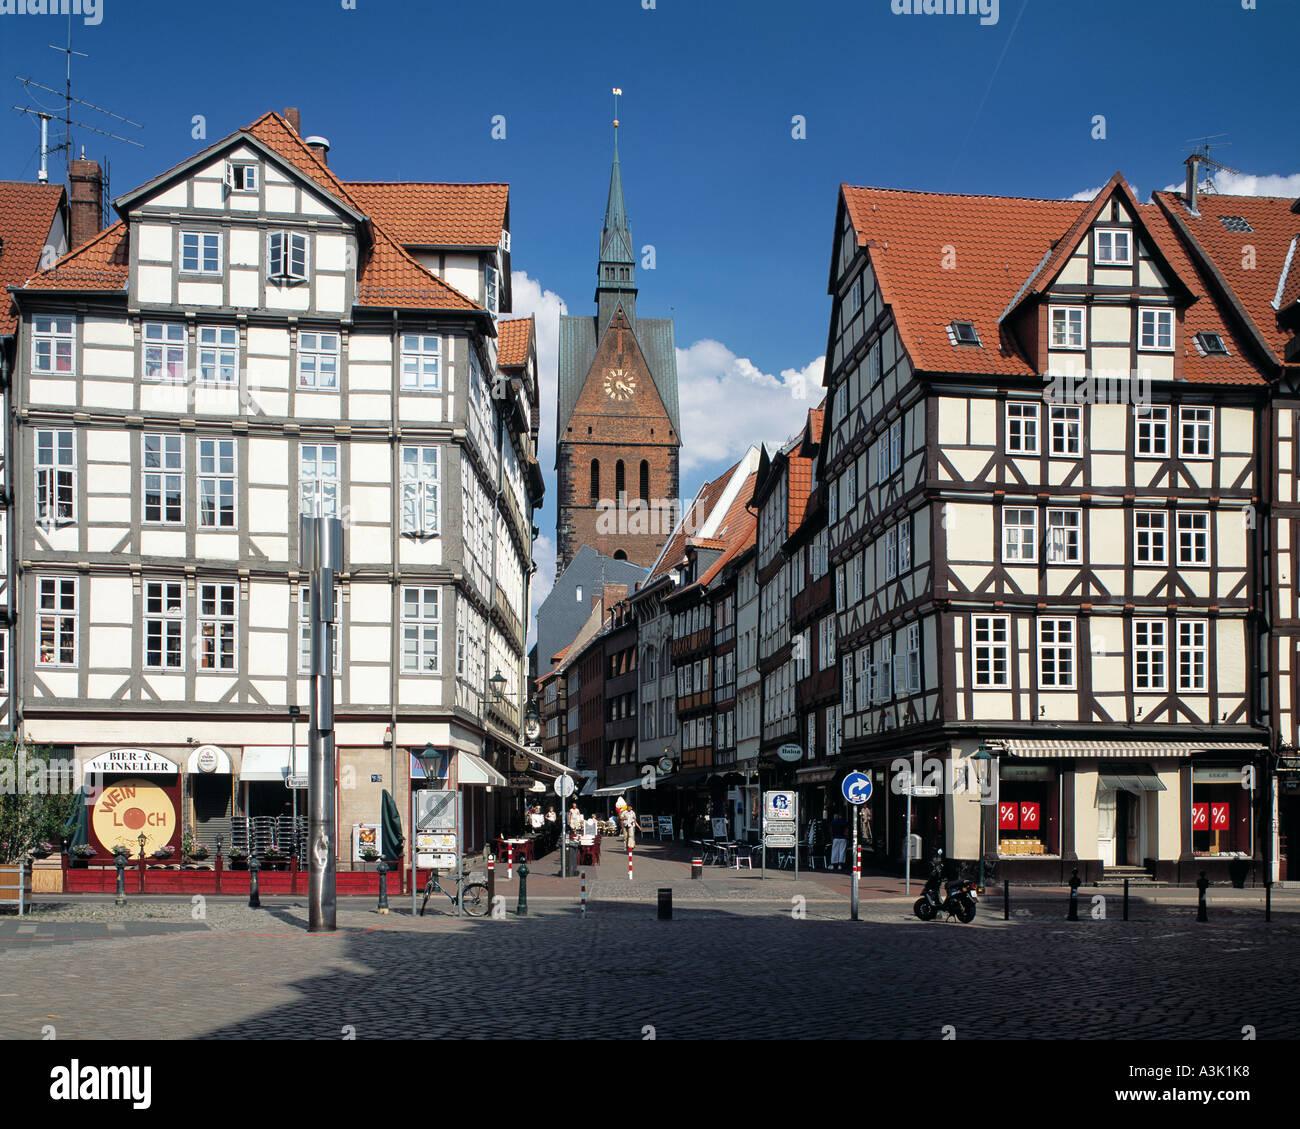 Marktkirche von Hannover und Fachwerkhaeuser am Holzmarkt, in der Burgstrasse und in der Kramerstrasse - Stock Image